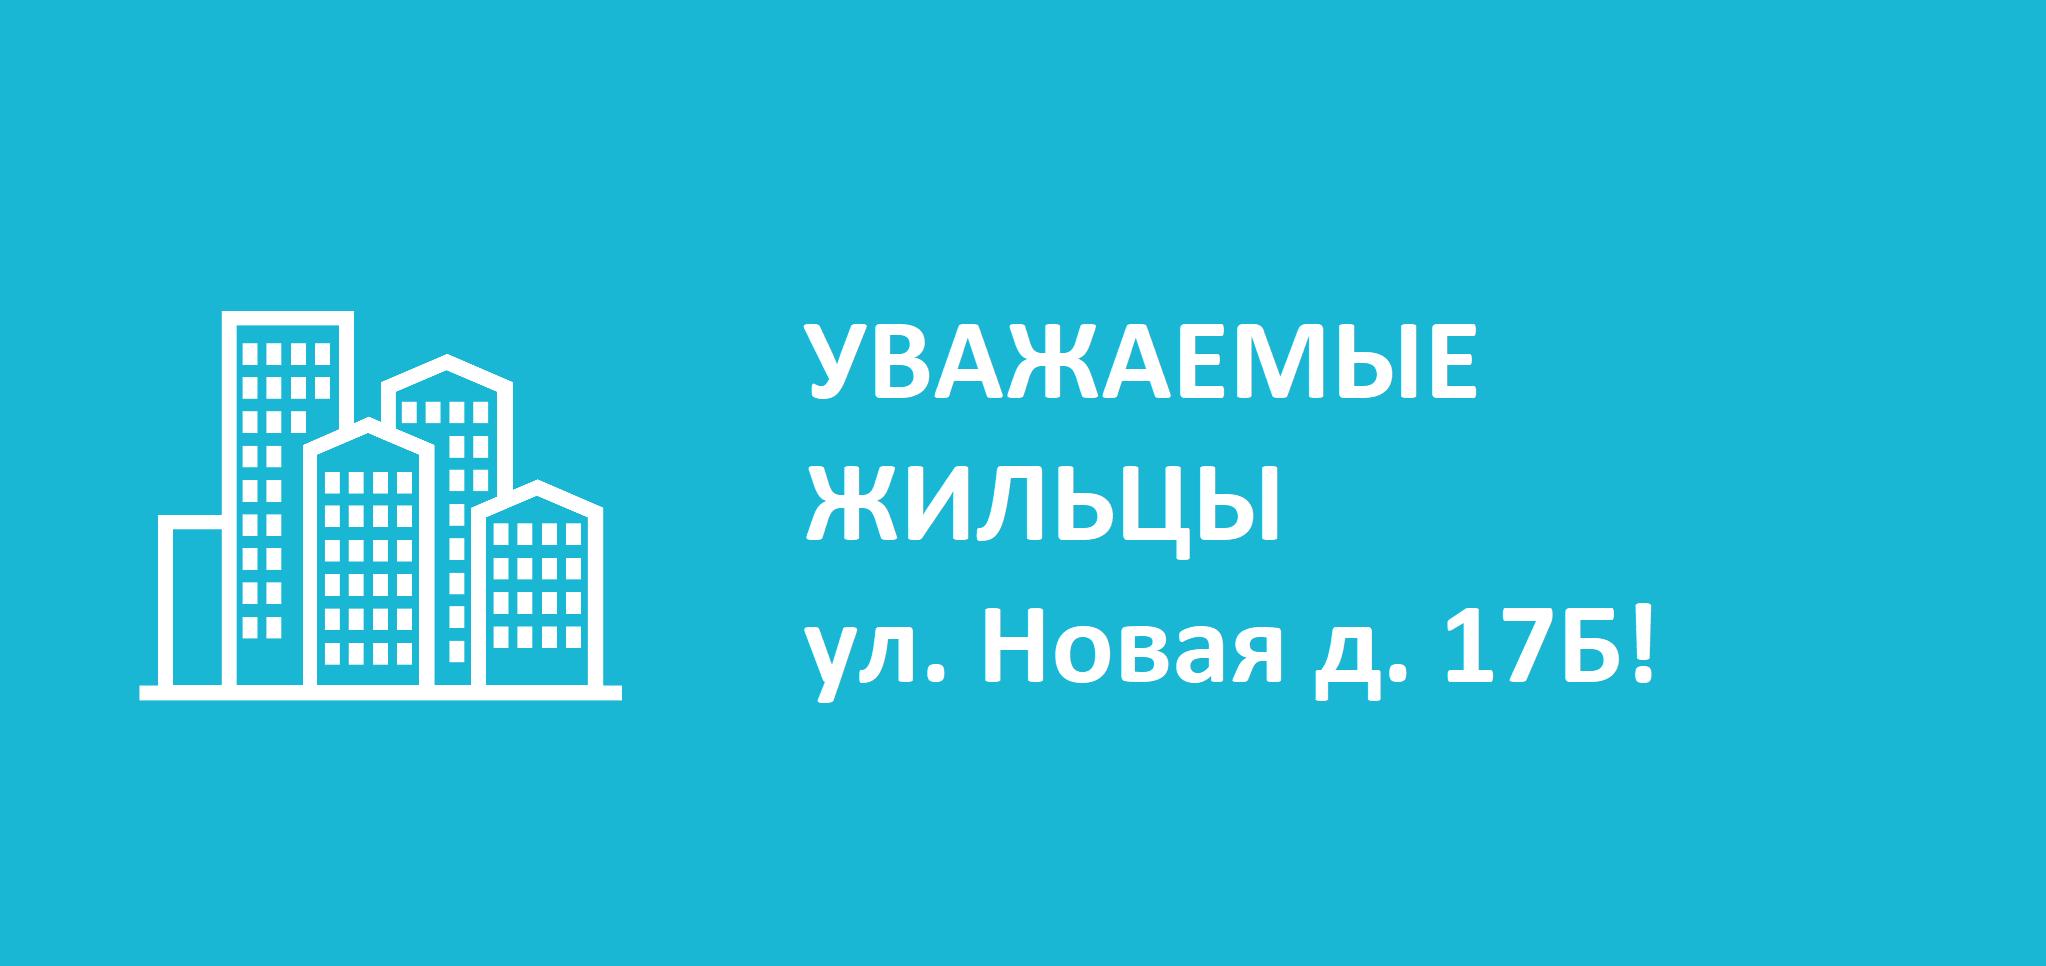 УВАЖАЕМЫЕ ЖИЛЬЦЫ ул. Новая д. 17Б!